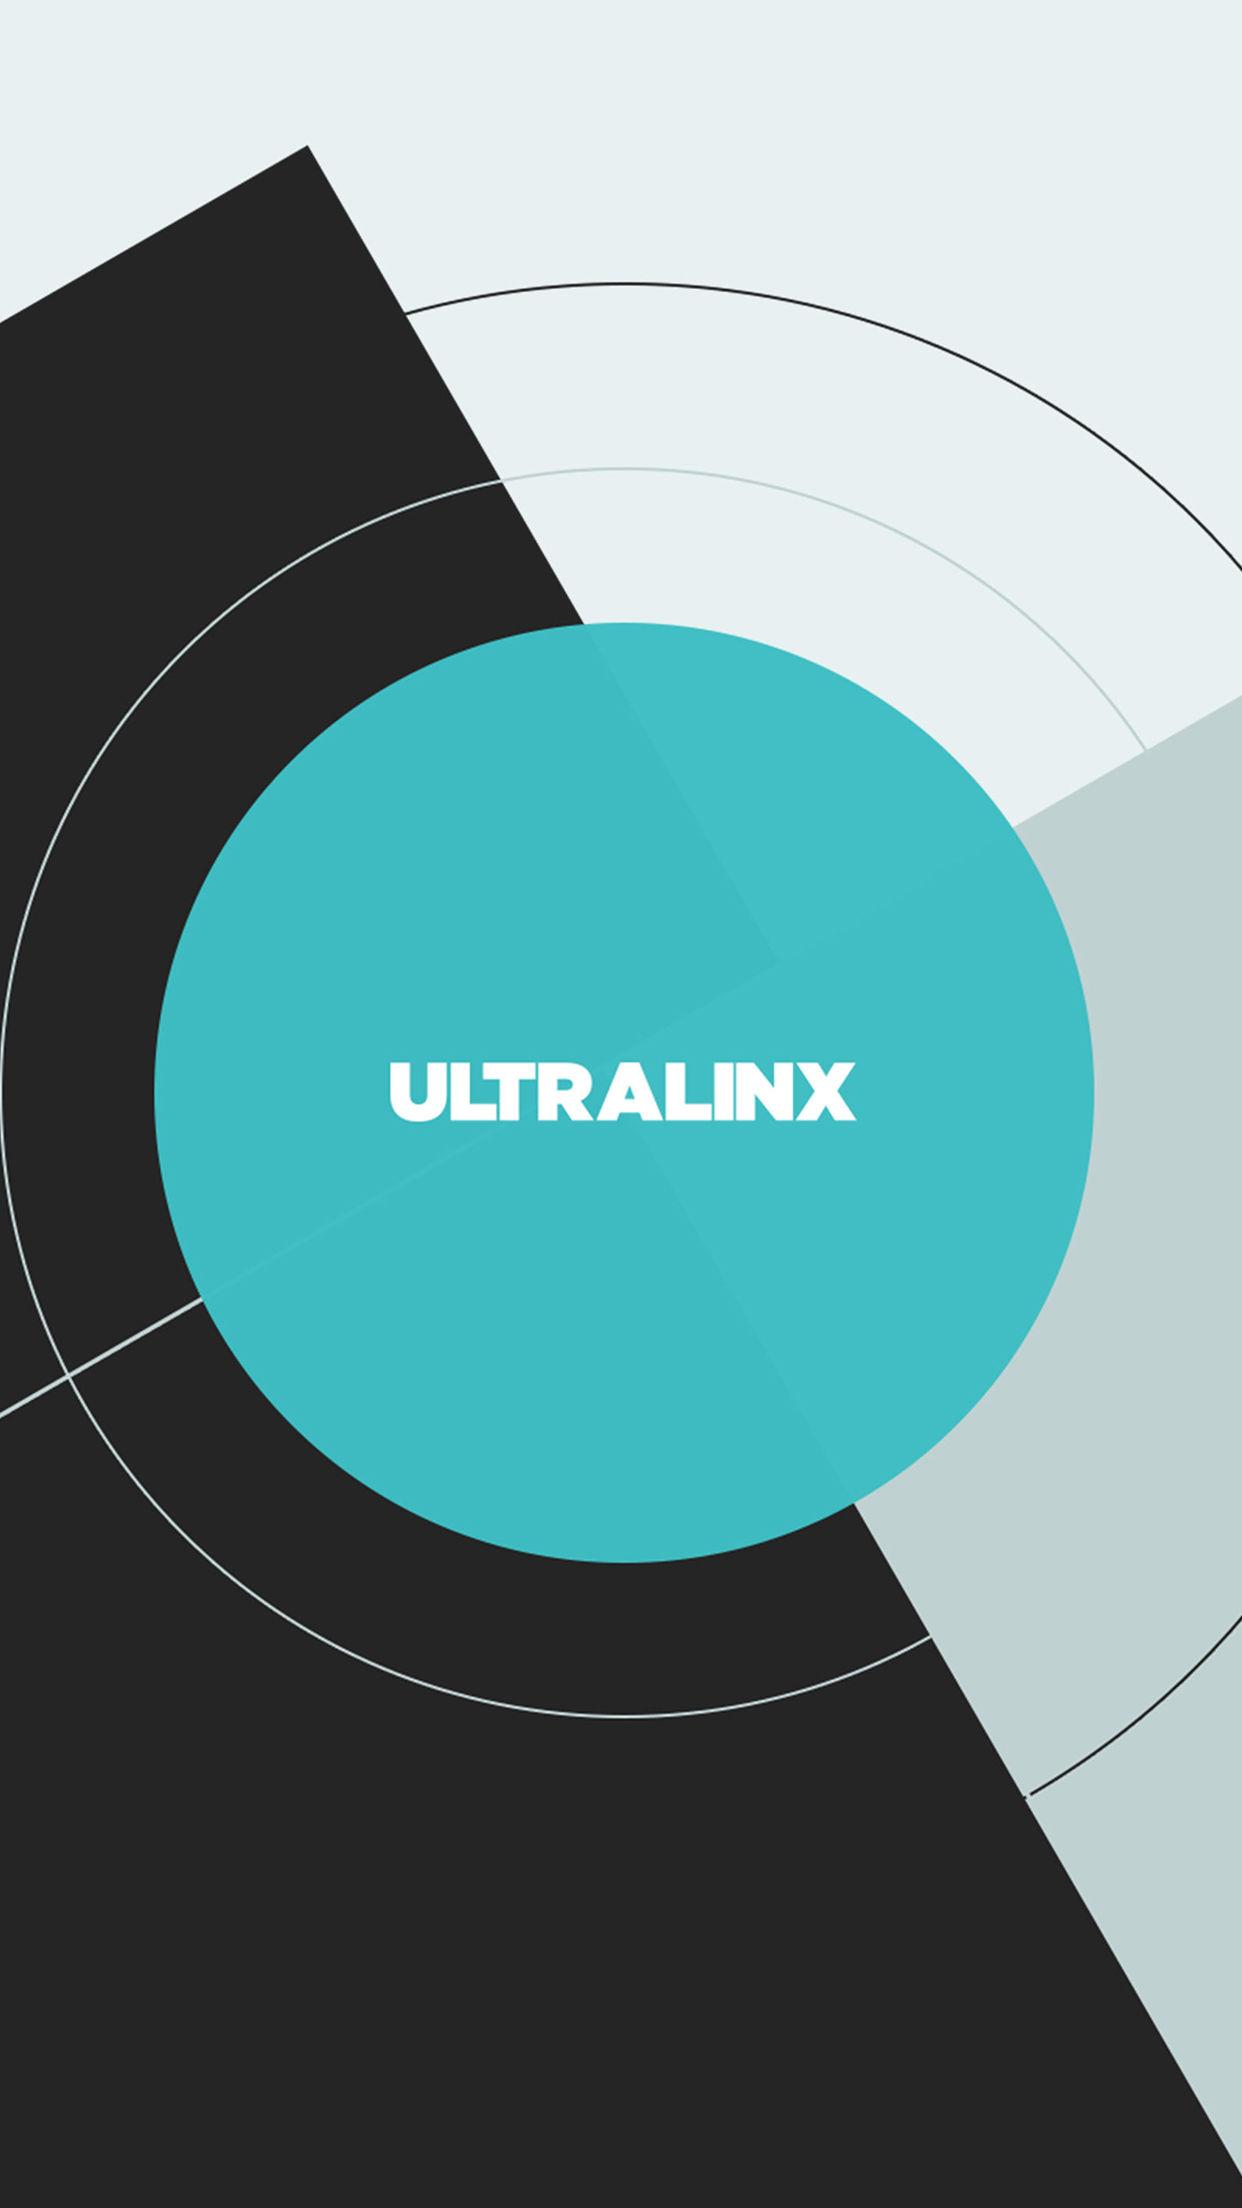 Iphone wallpaper ultralinx - Download